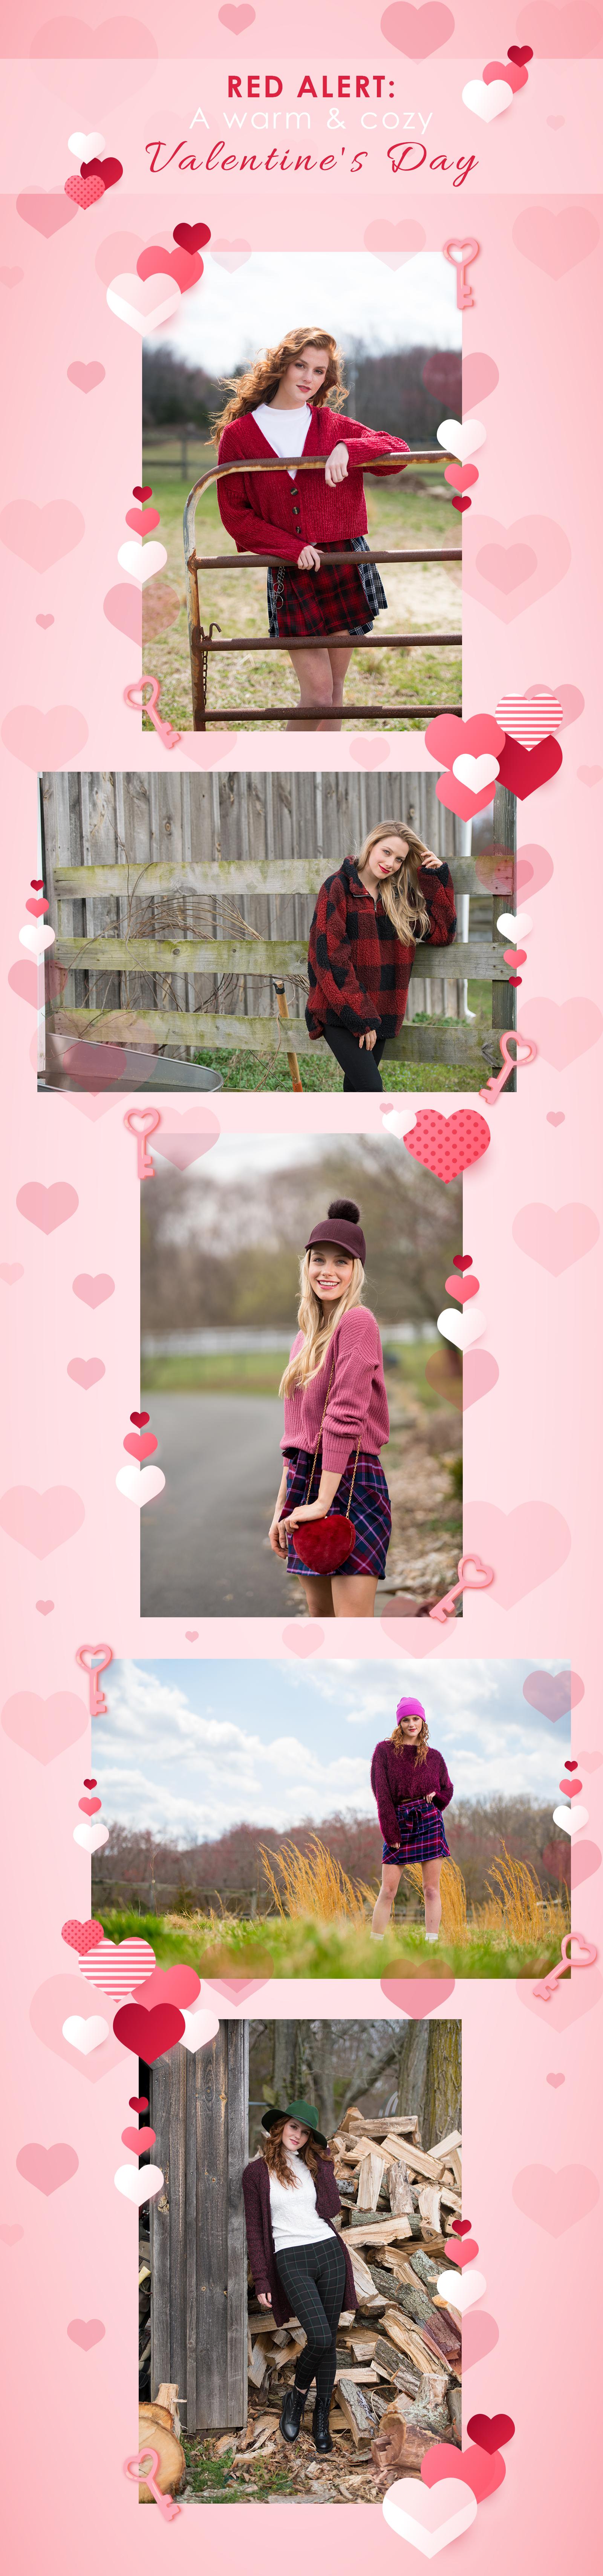 Red Alert: A warm & cozy Valentine's Day